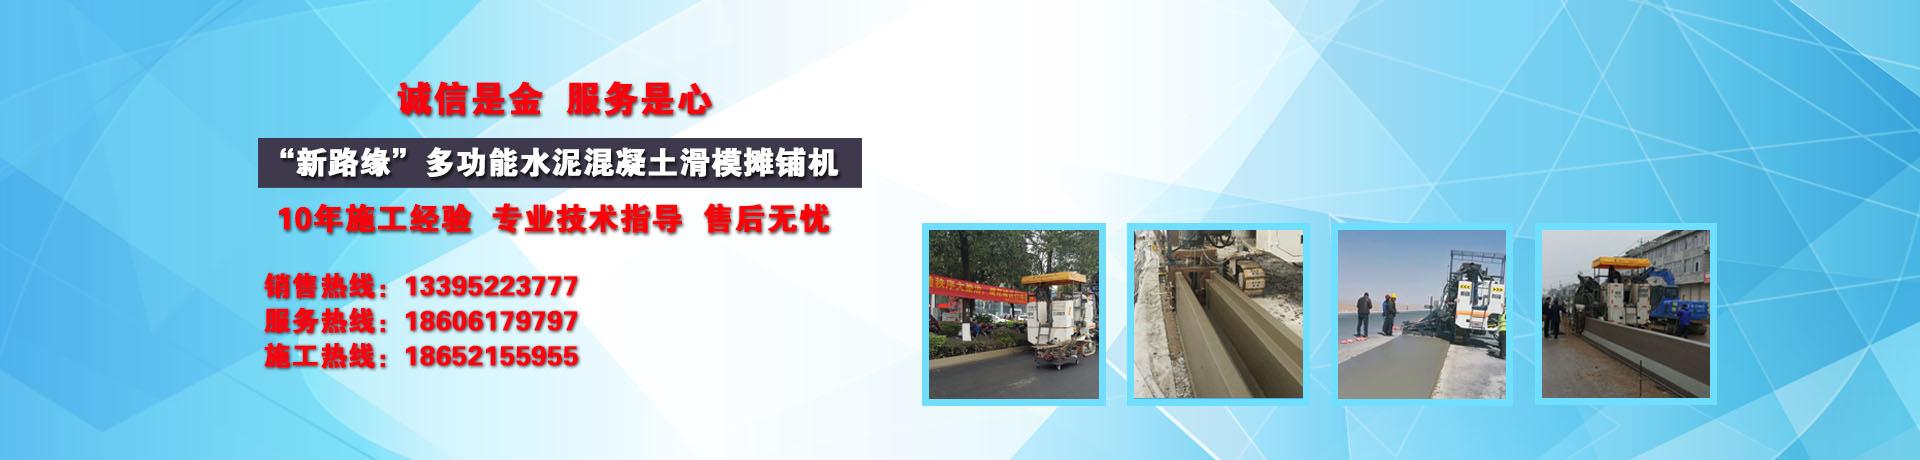 徐州新路智能科技有限公司